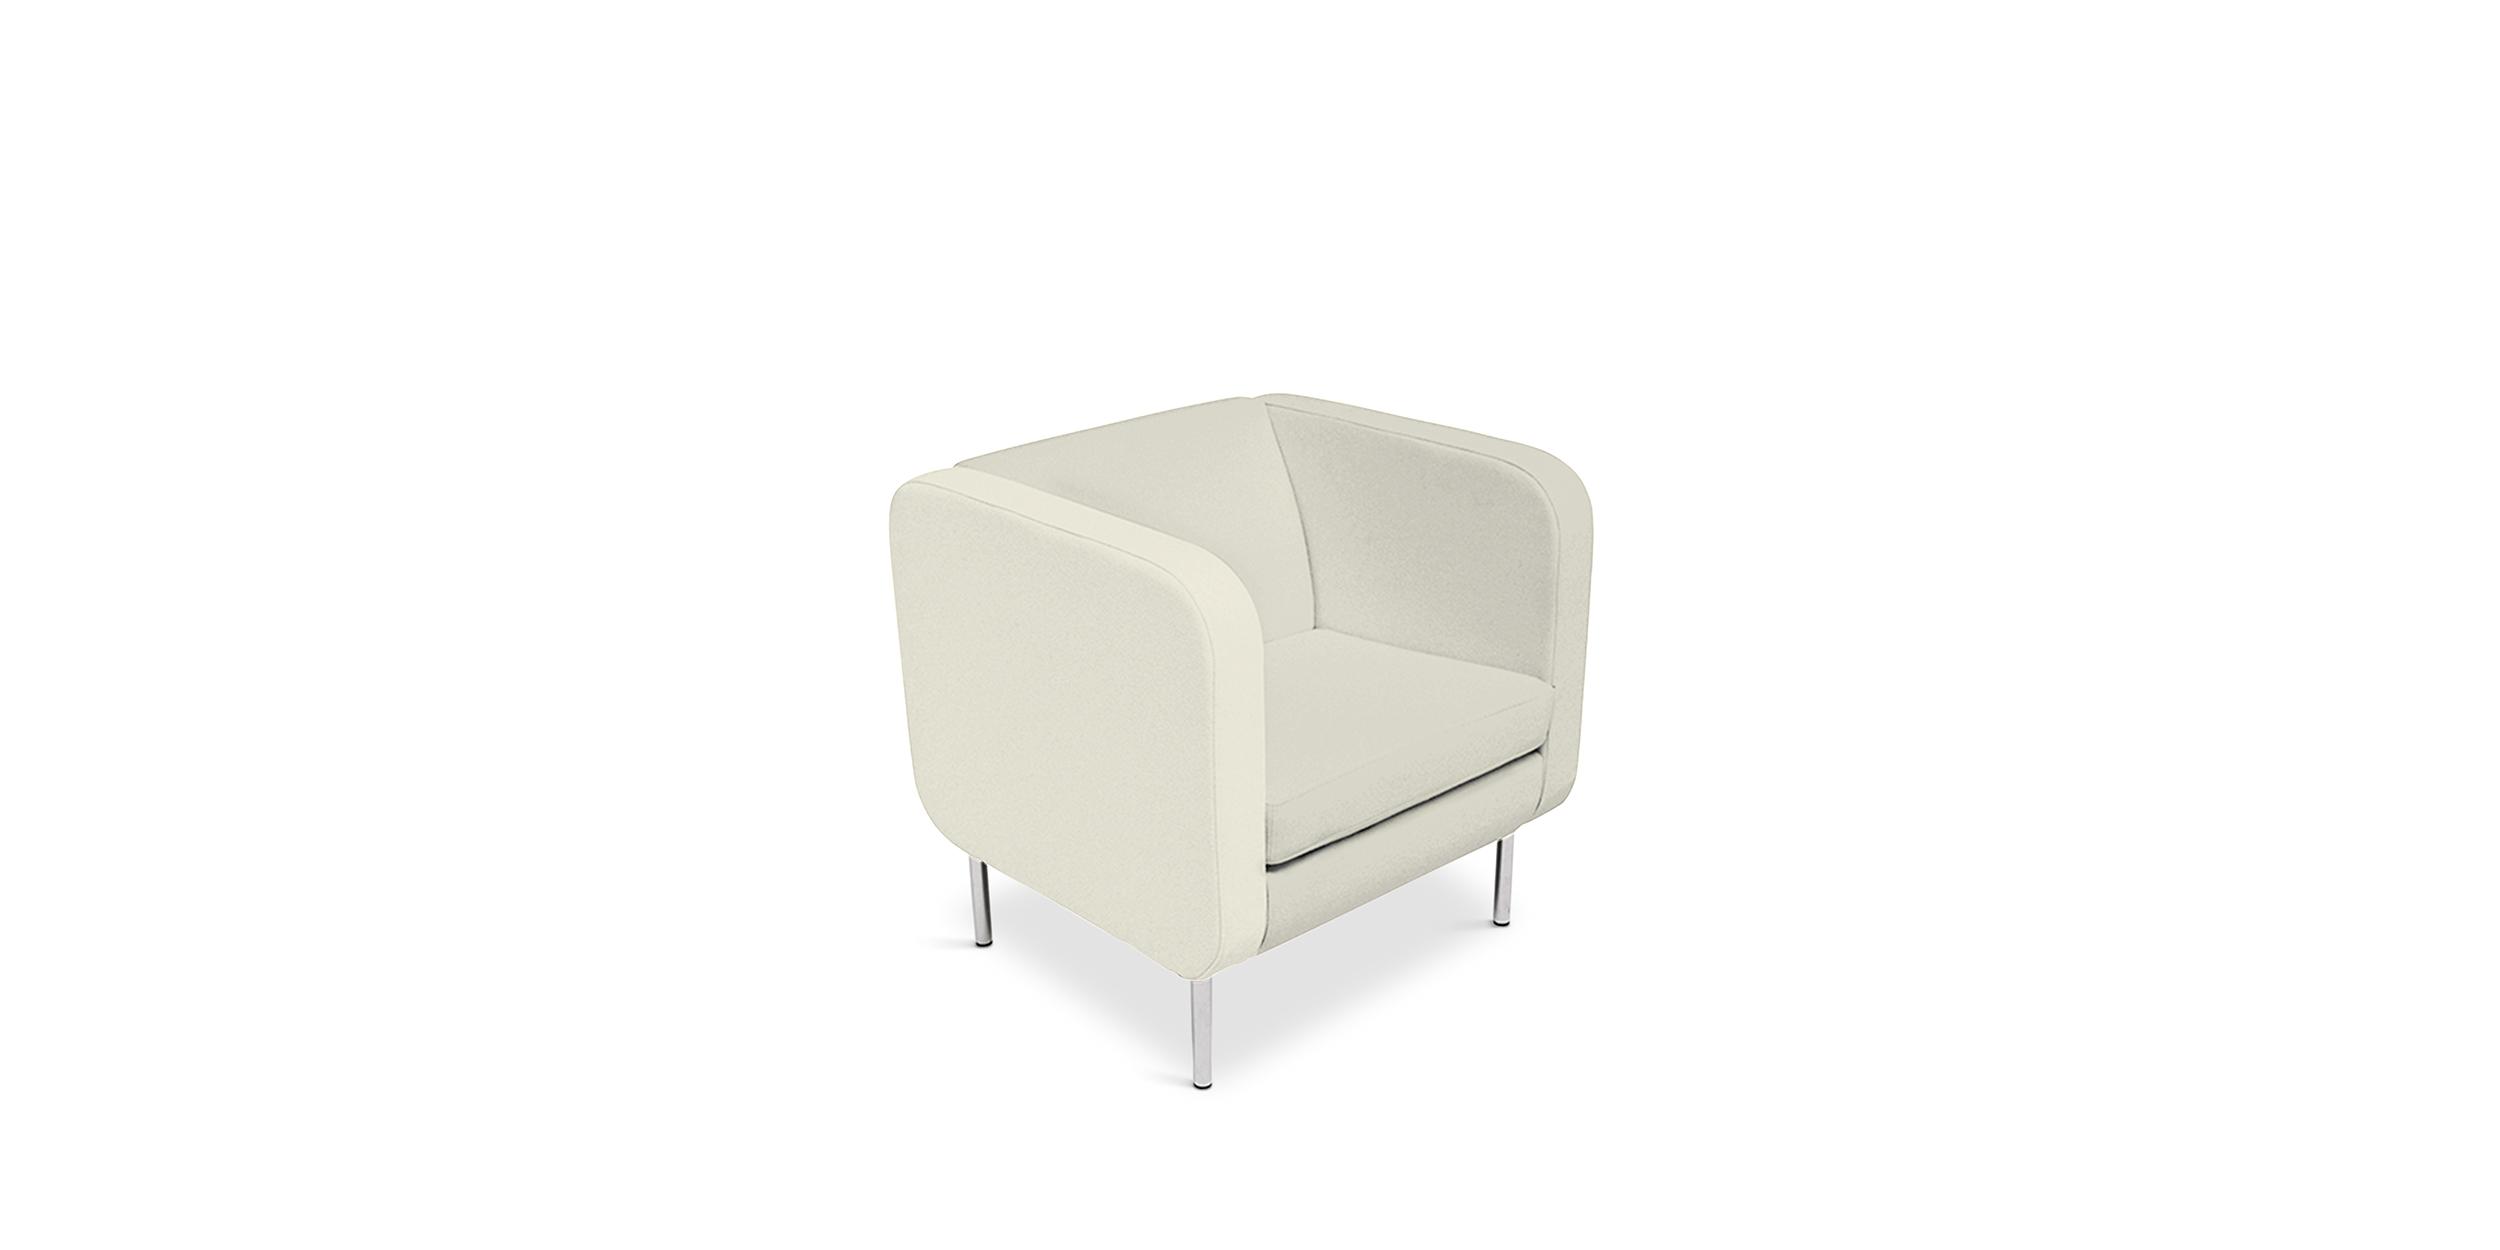 Superieur Smalltown, Easy Chair By Claesson Koivisto Rune